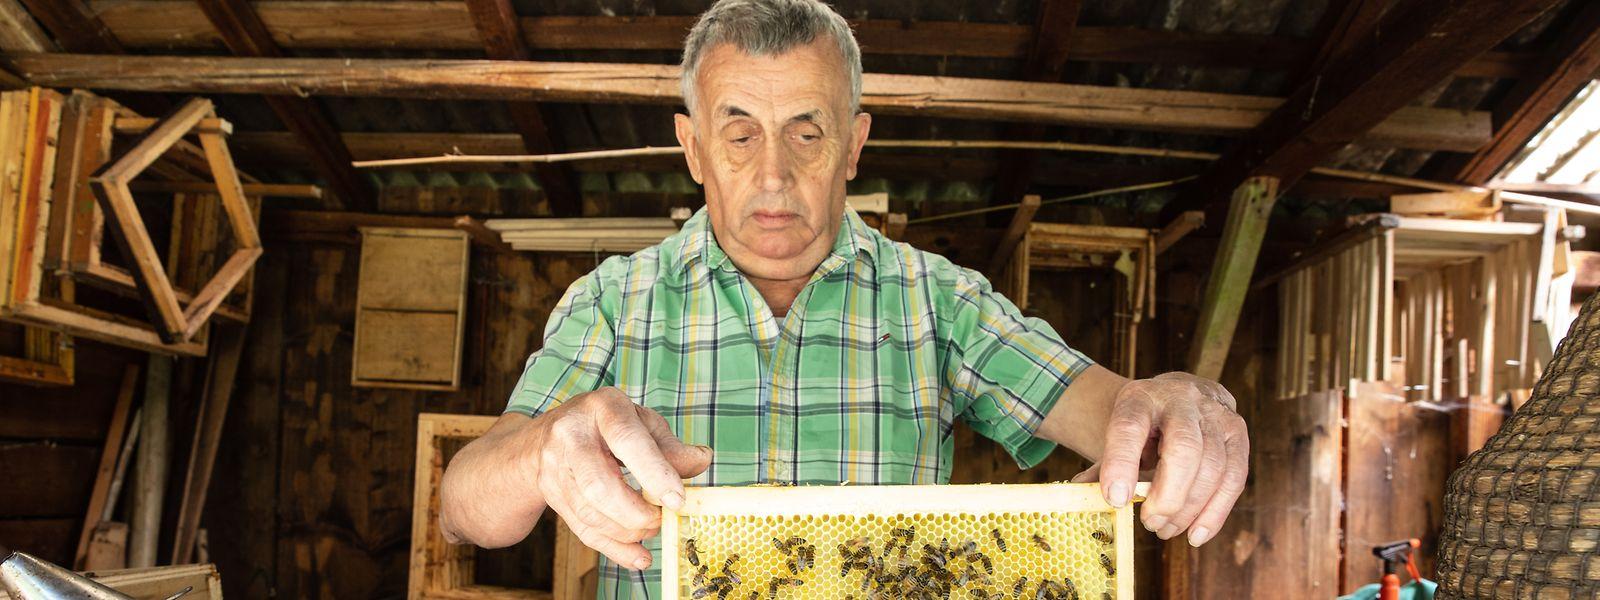 In seinem Bienenstand experimentiert Michel Colette mit Bienenkörben aus Stroh und Naturwaben. Seine 30 Völker dürfen sich frei entfalten.